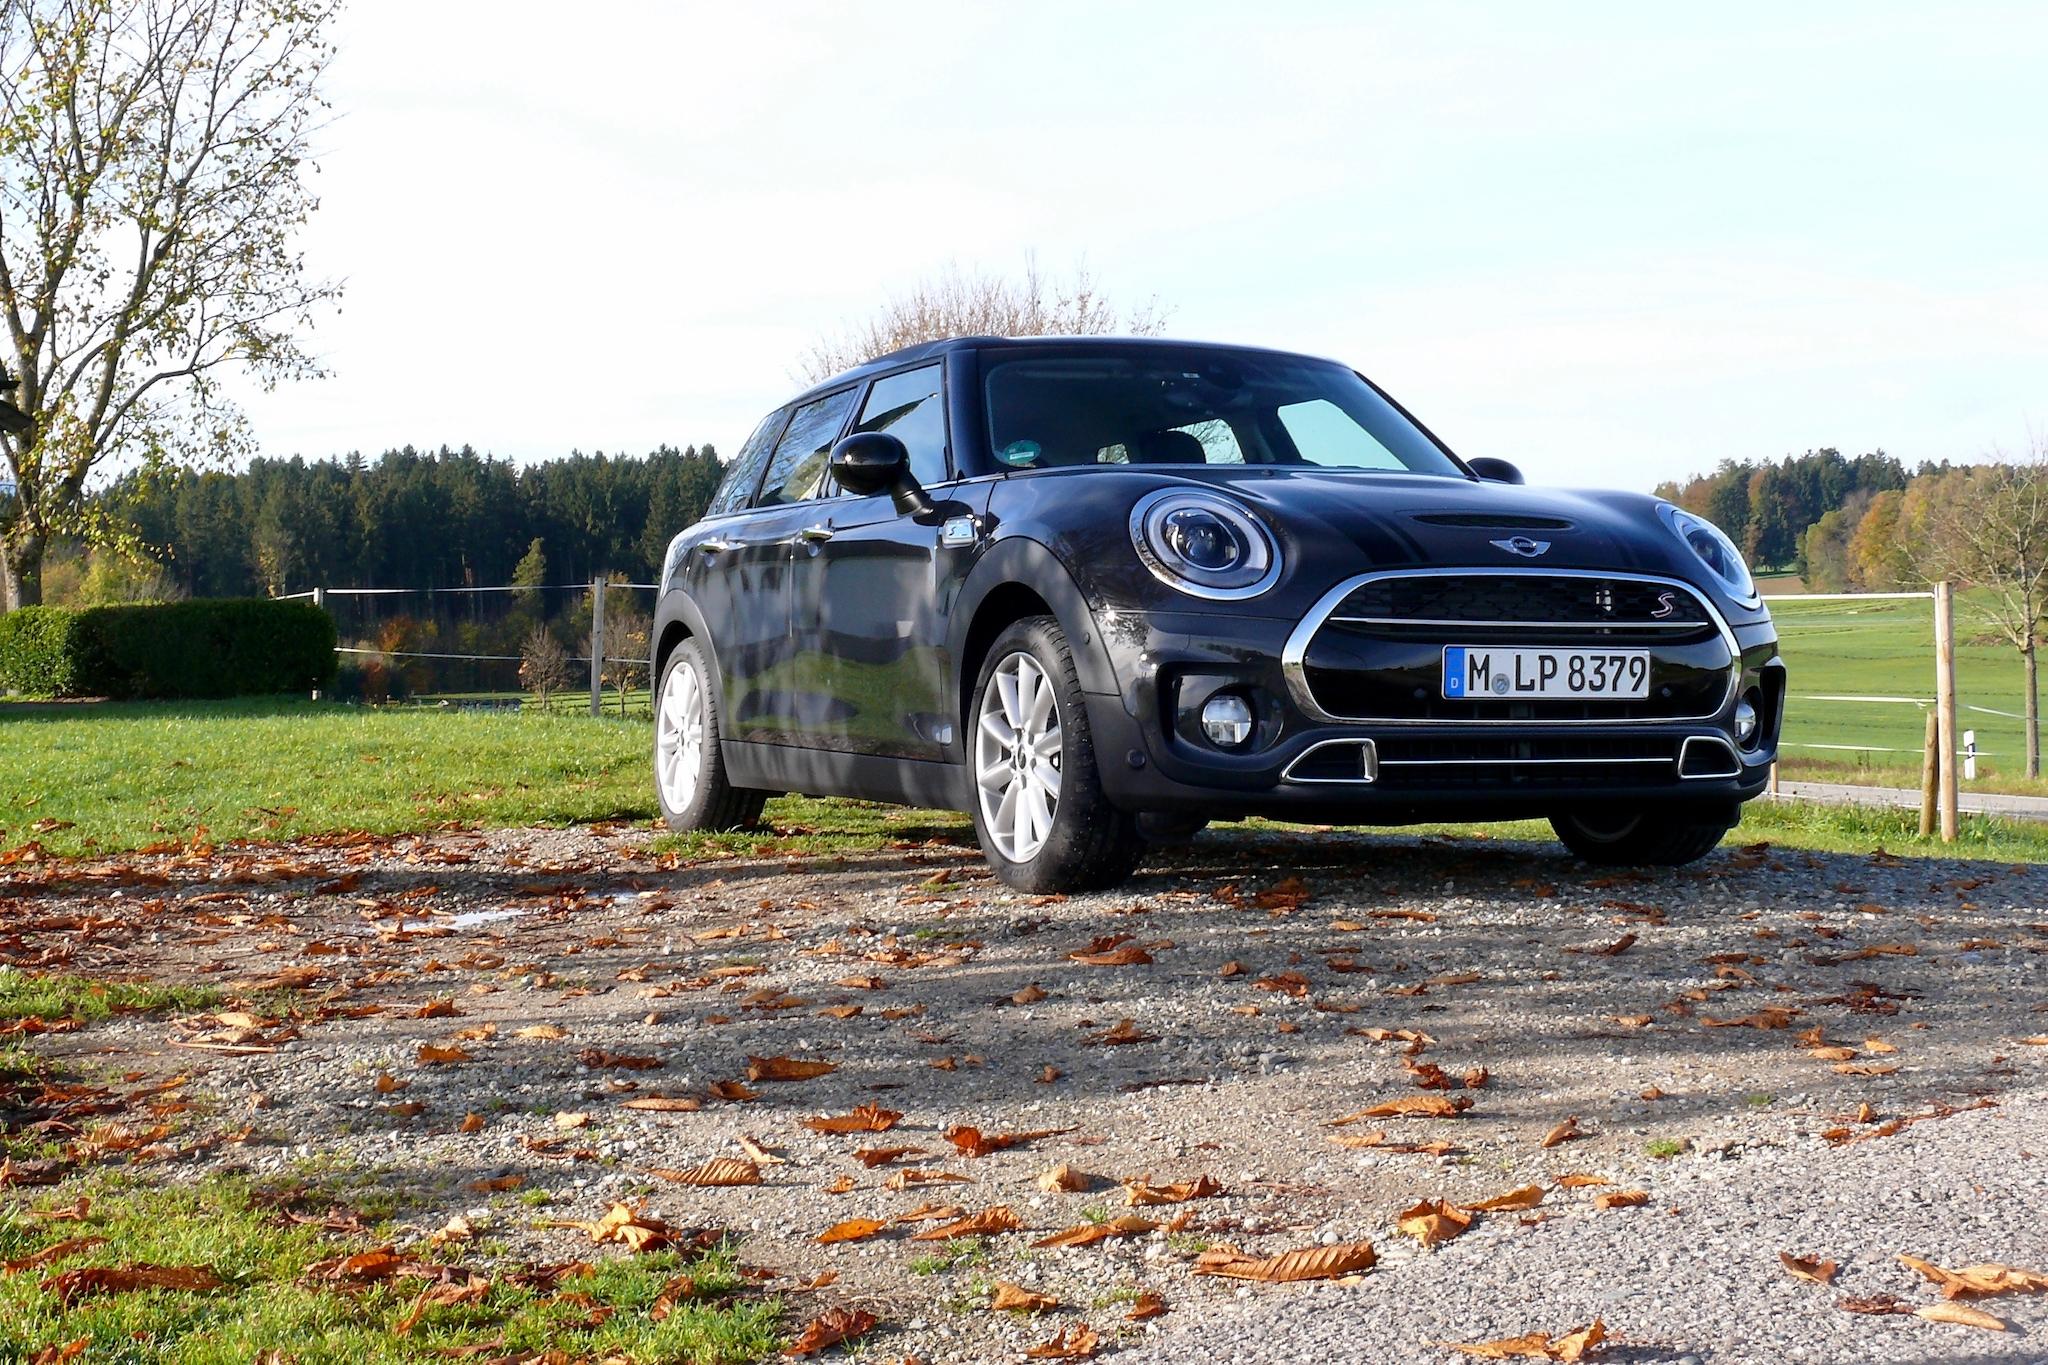 Brite Mit Sechs Türen Der Mini Cooper Sd Clubman Im Test